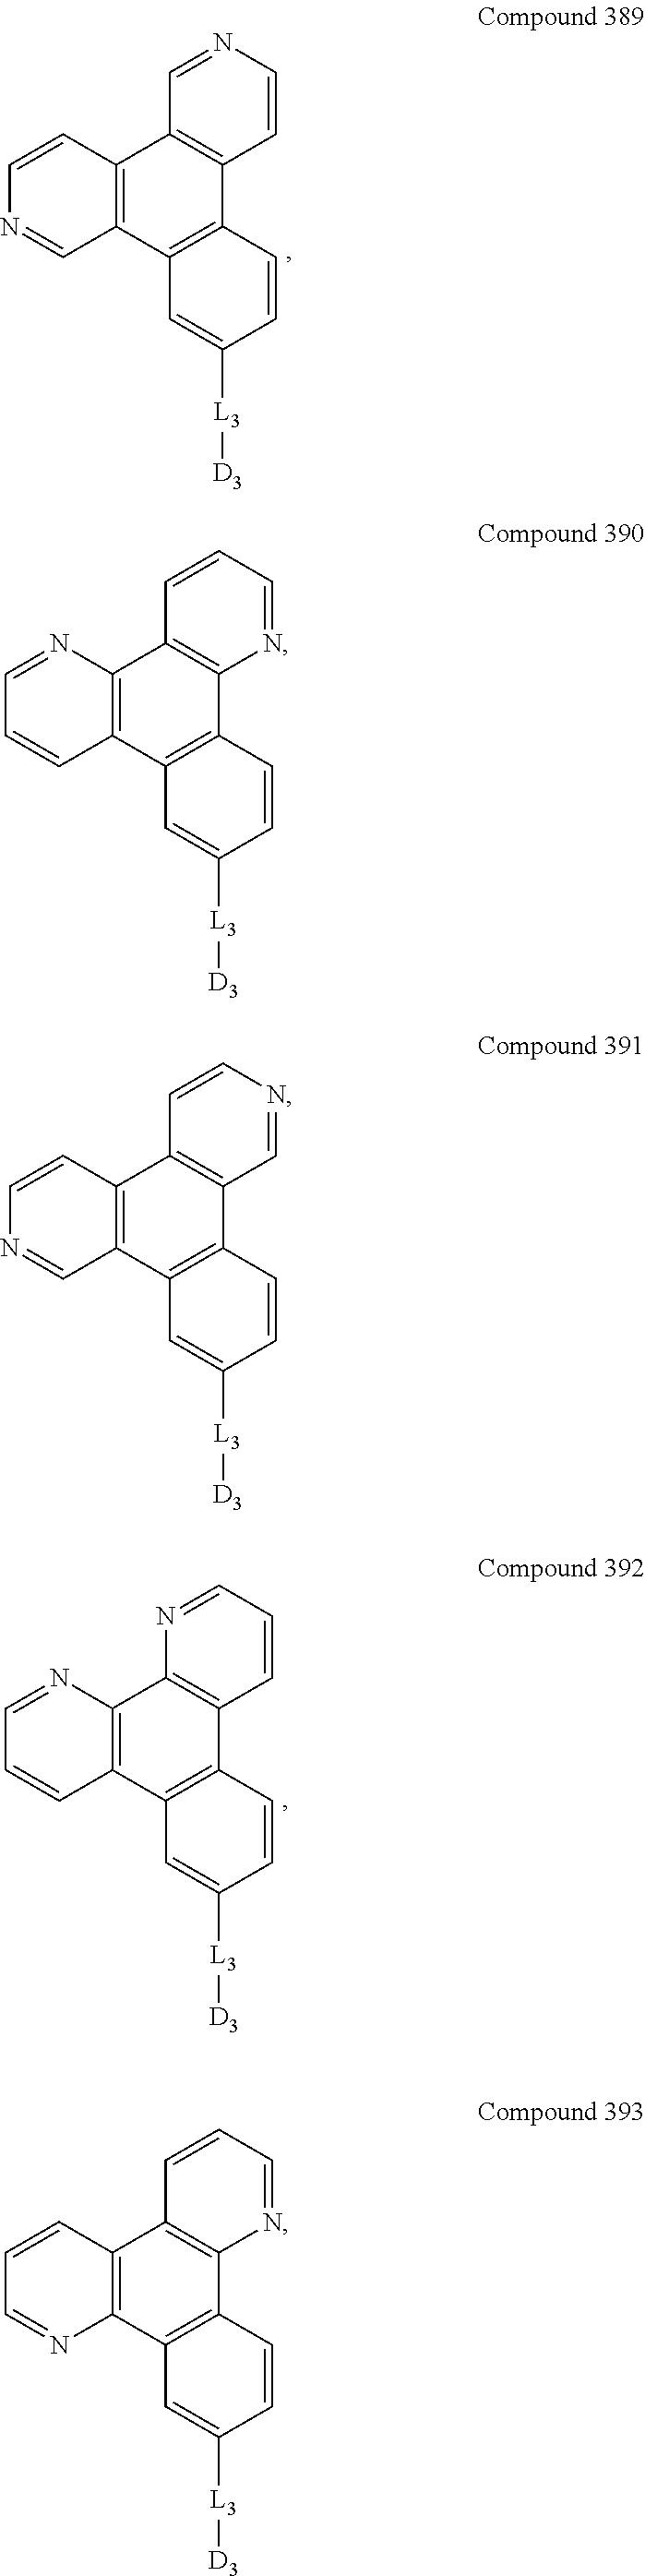 Figure US09537106-20170103-C00106